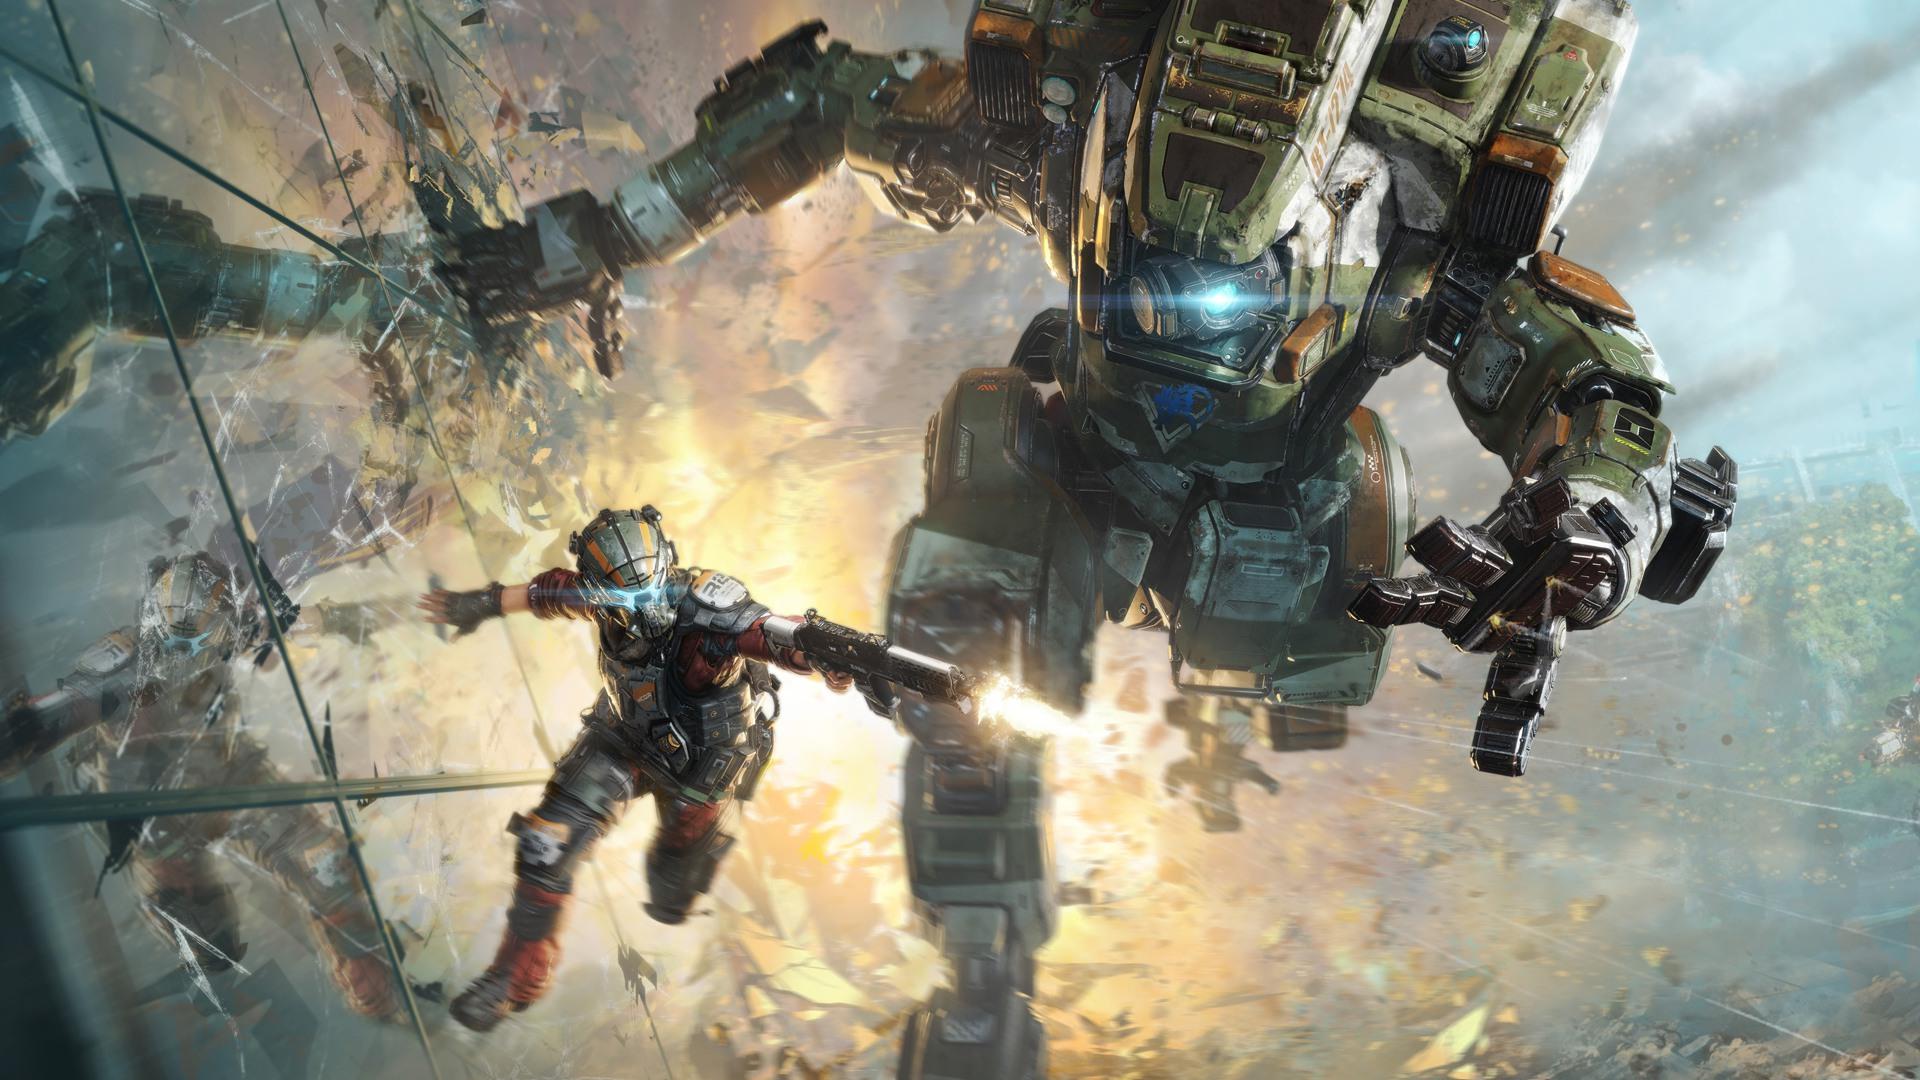 Titanfall 2 Bt 7274 , HD Wallpaper & Backgrounds